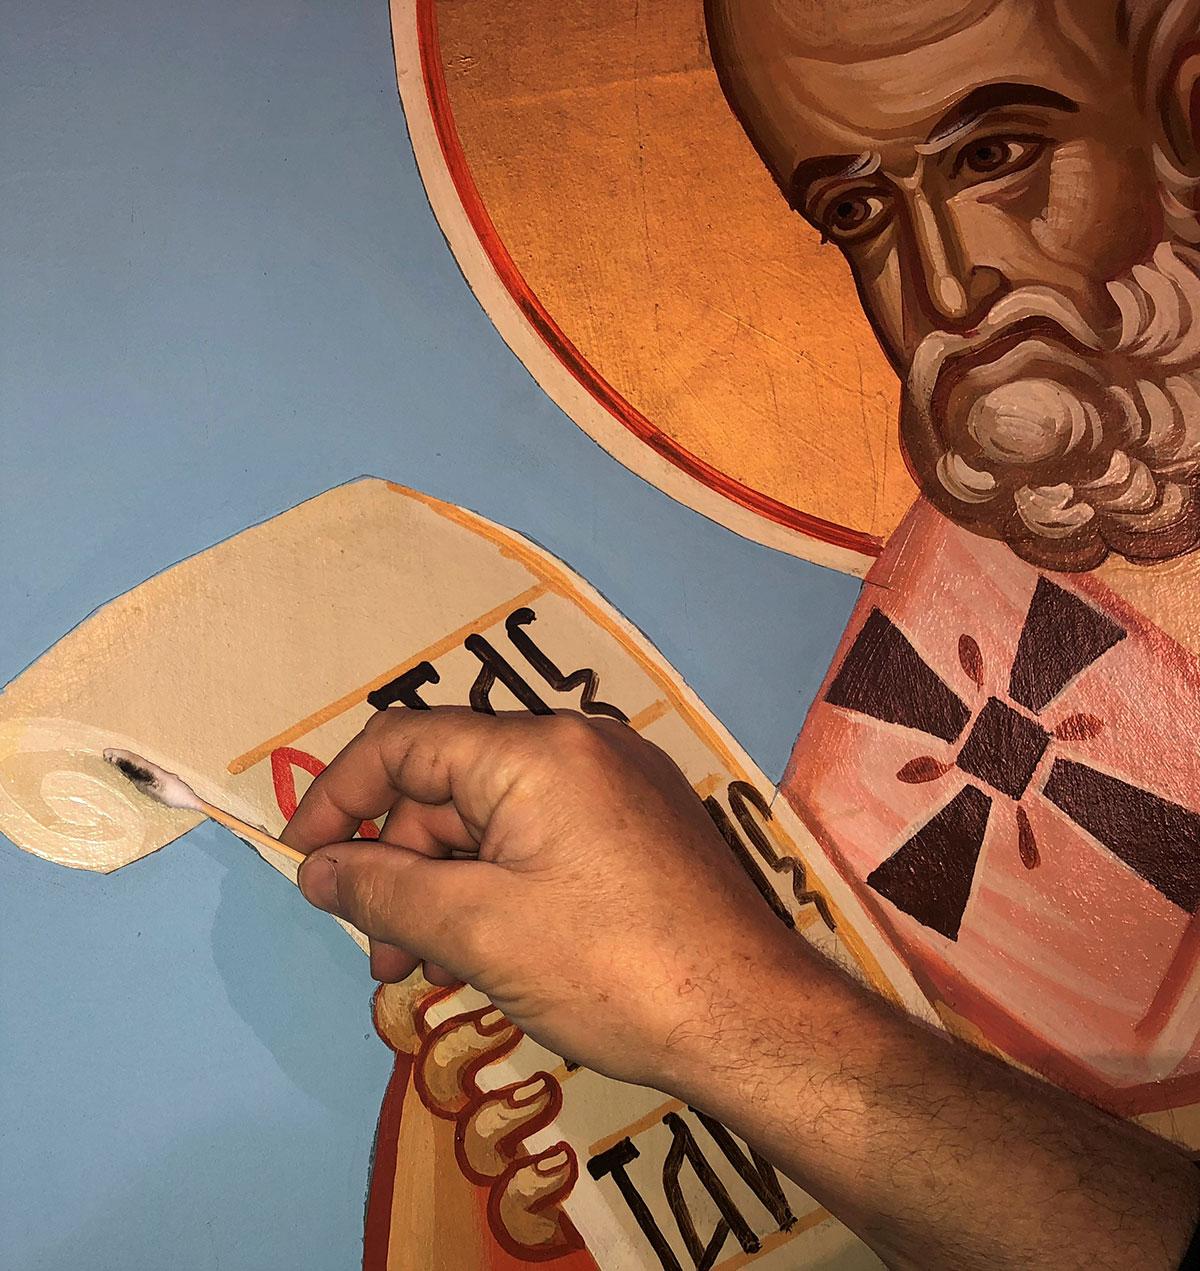 st-sophias-murals-8.jpg